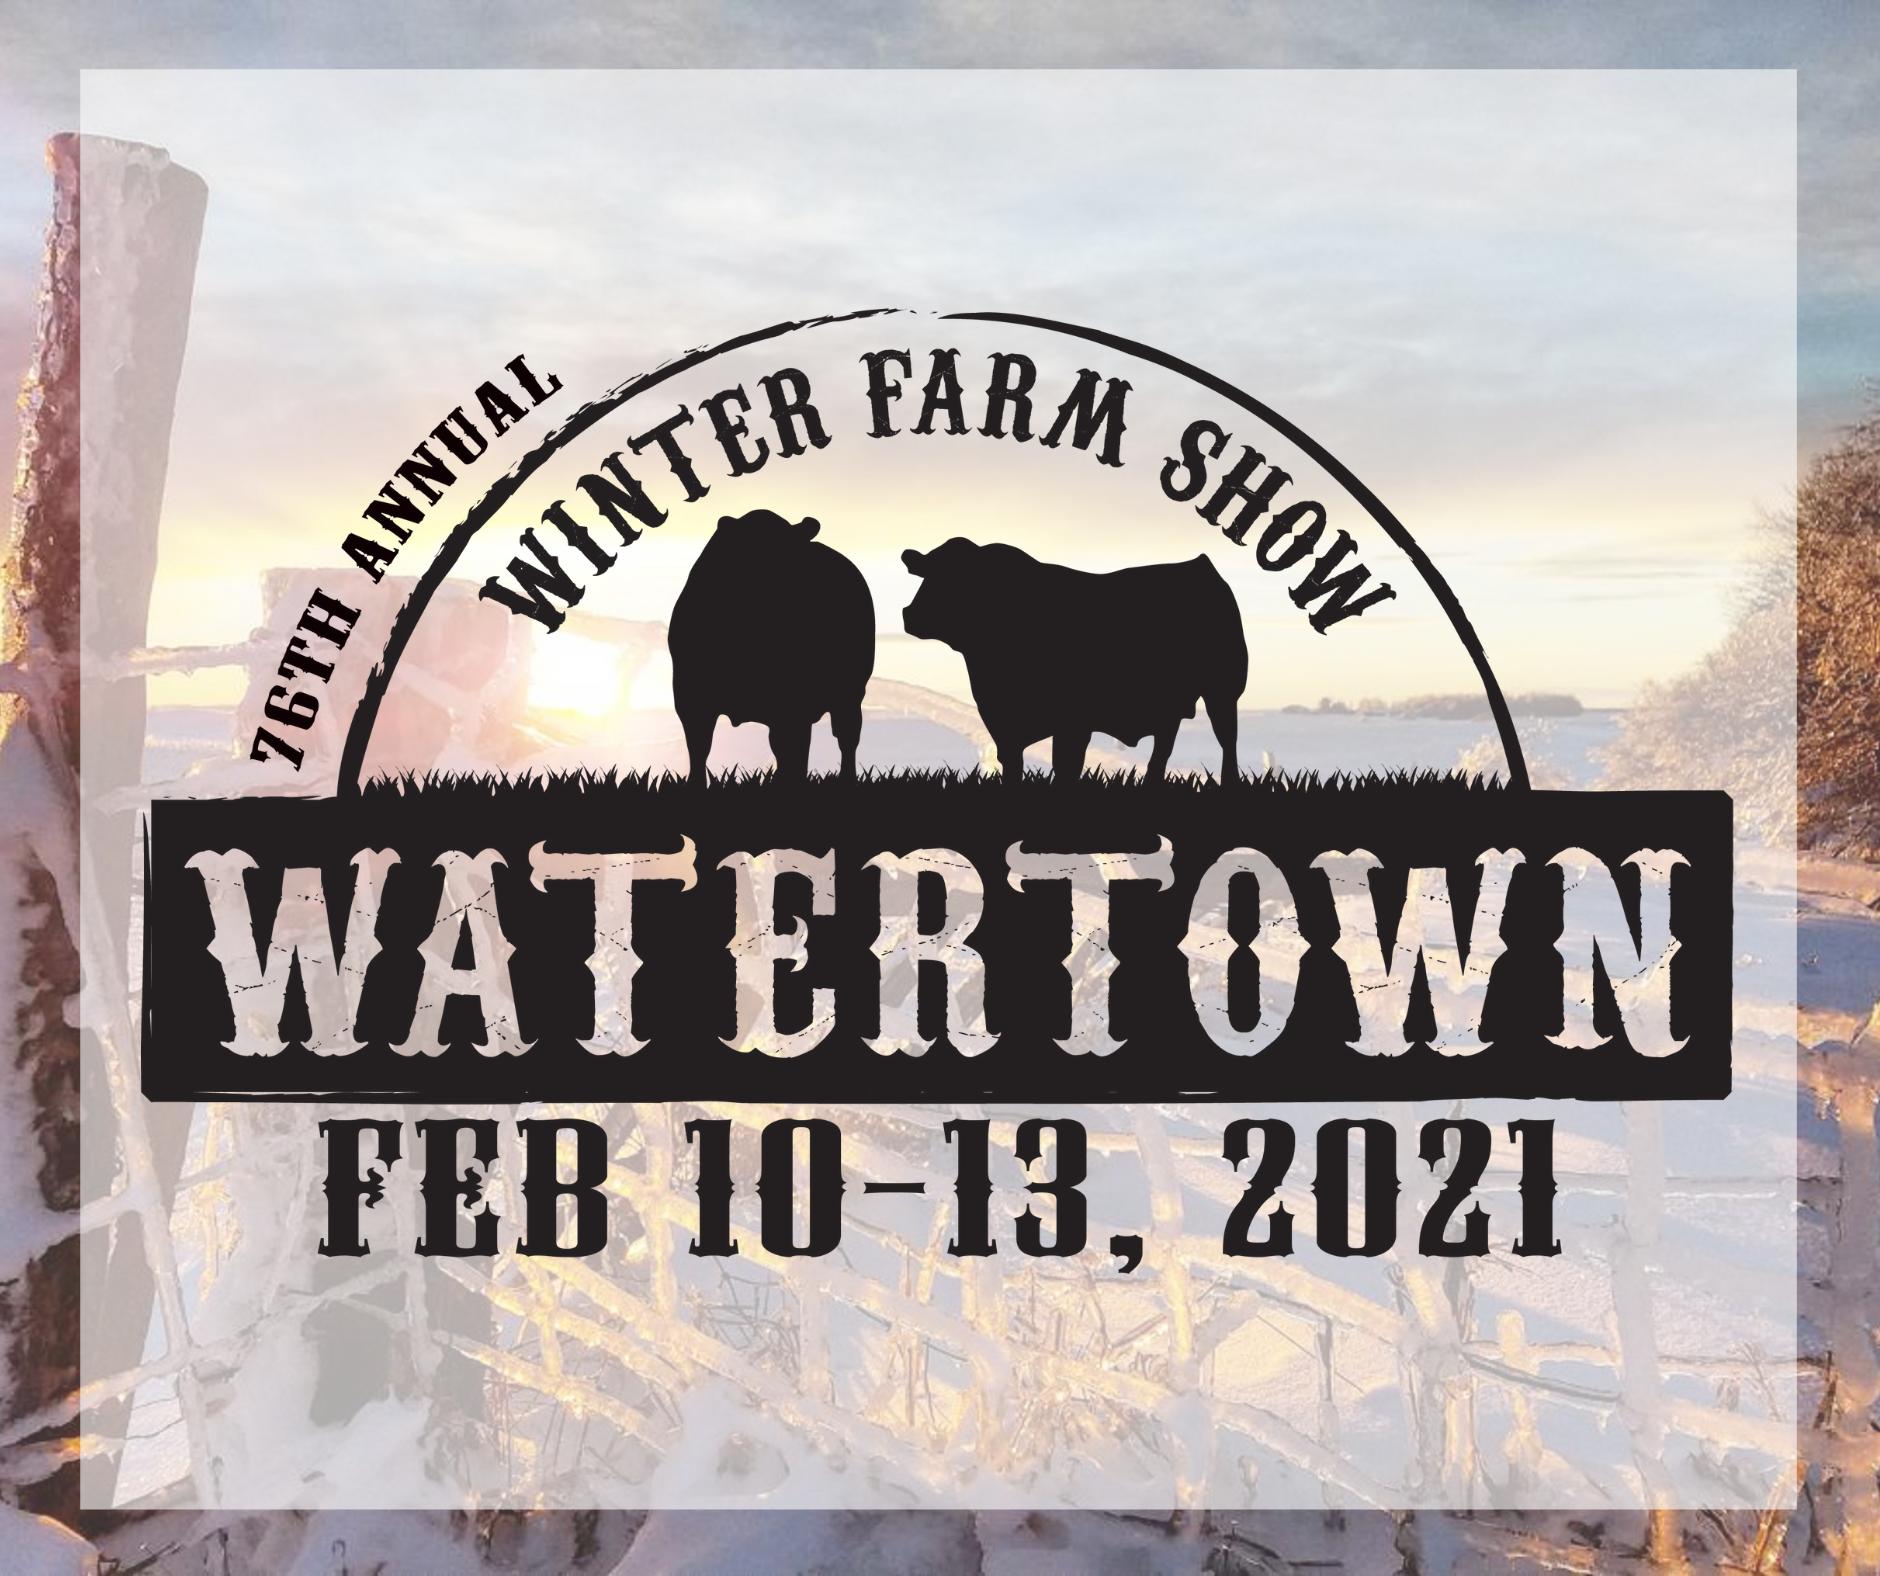 https://www.watertownwinterfarmshow.com/